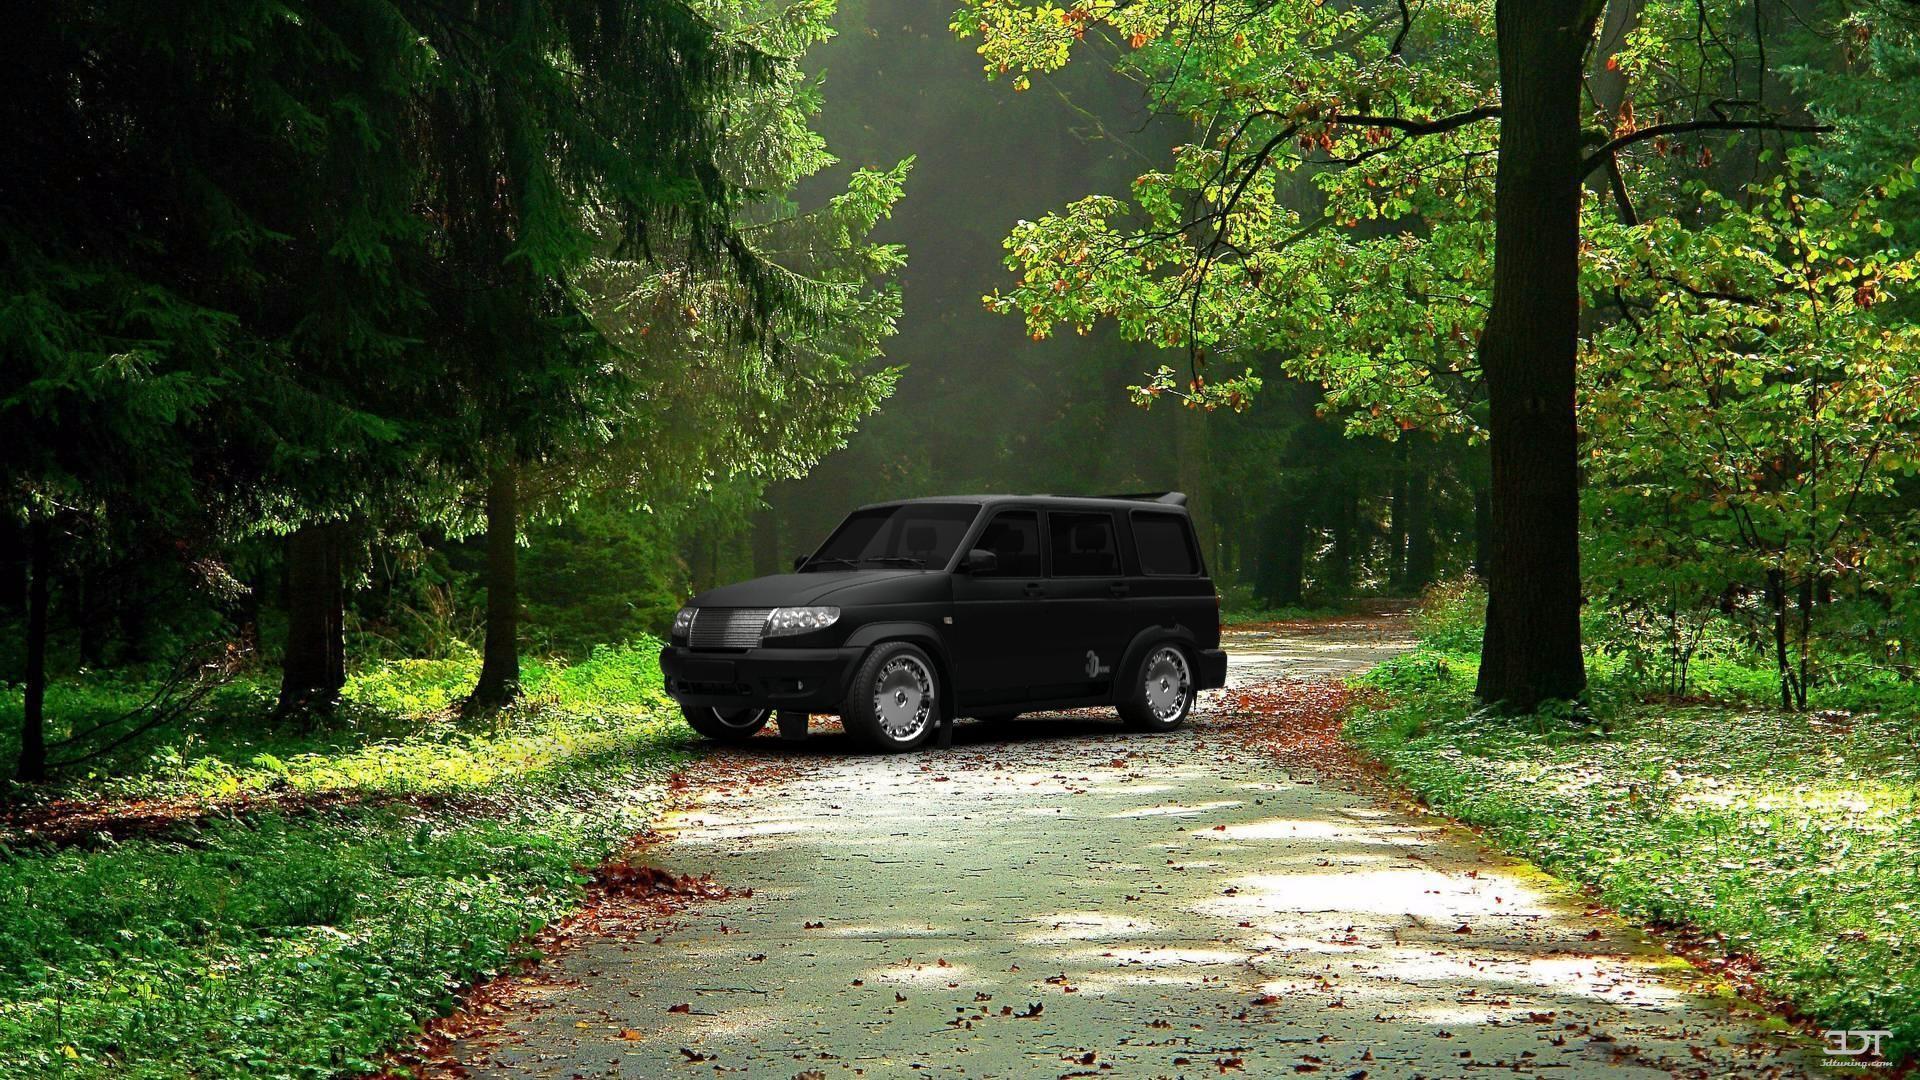 машина в лесу картинка для сможете распечатать